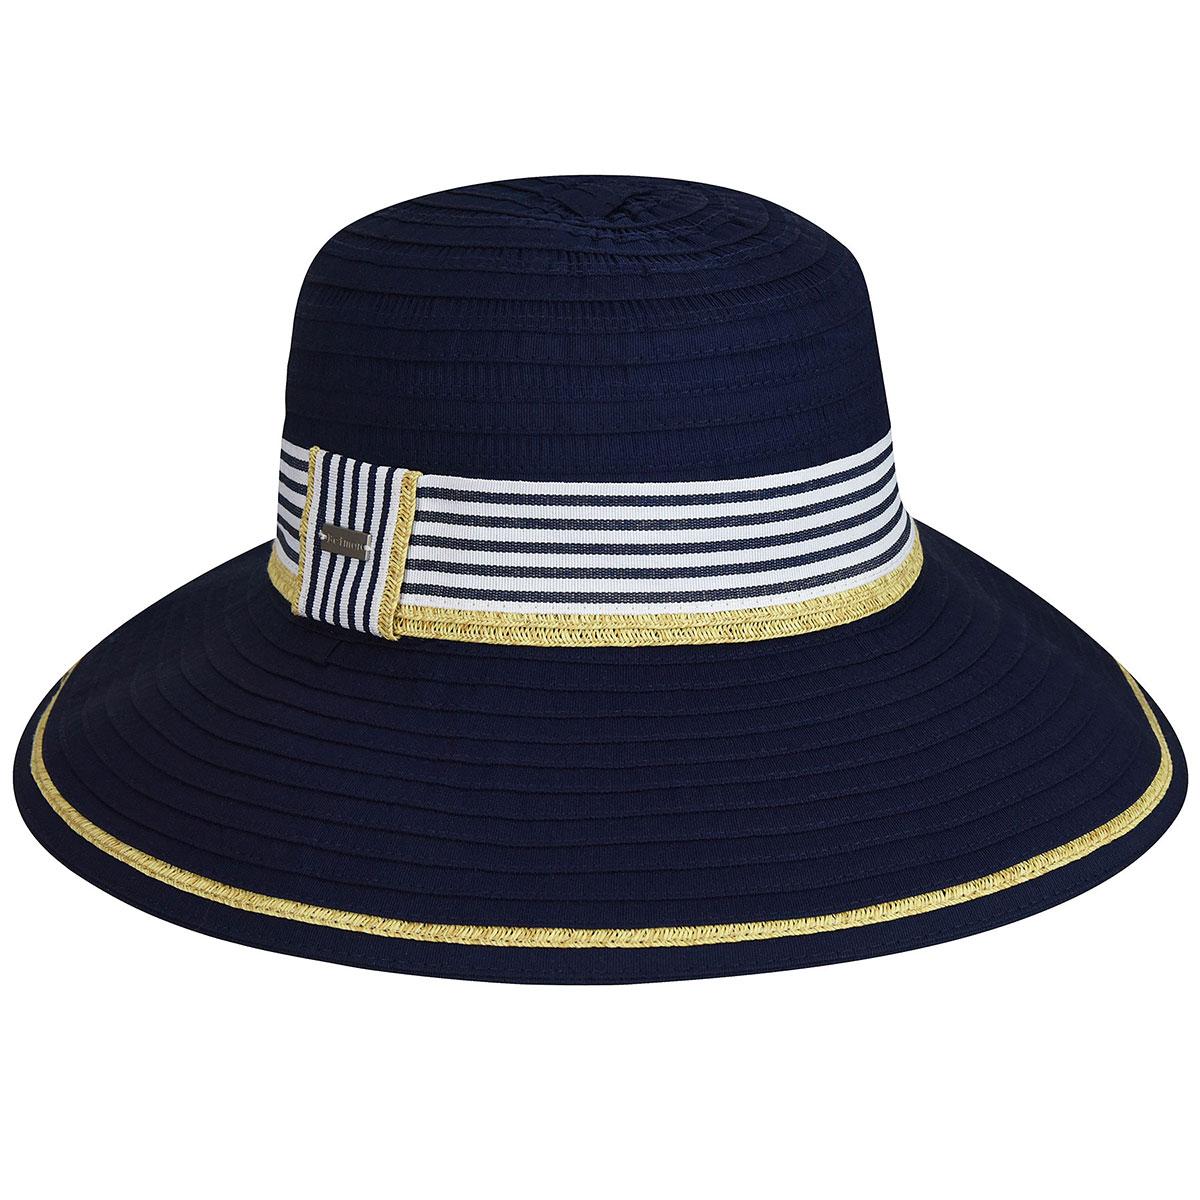 Betmar Atlantis Wide Brim Hat in Navy